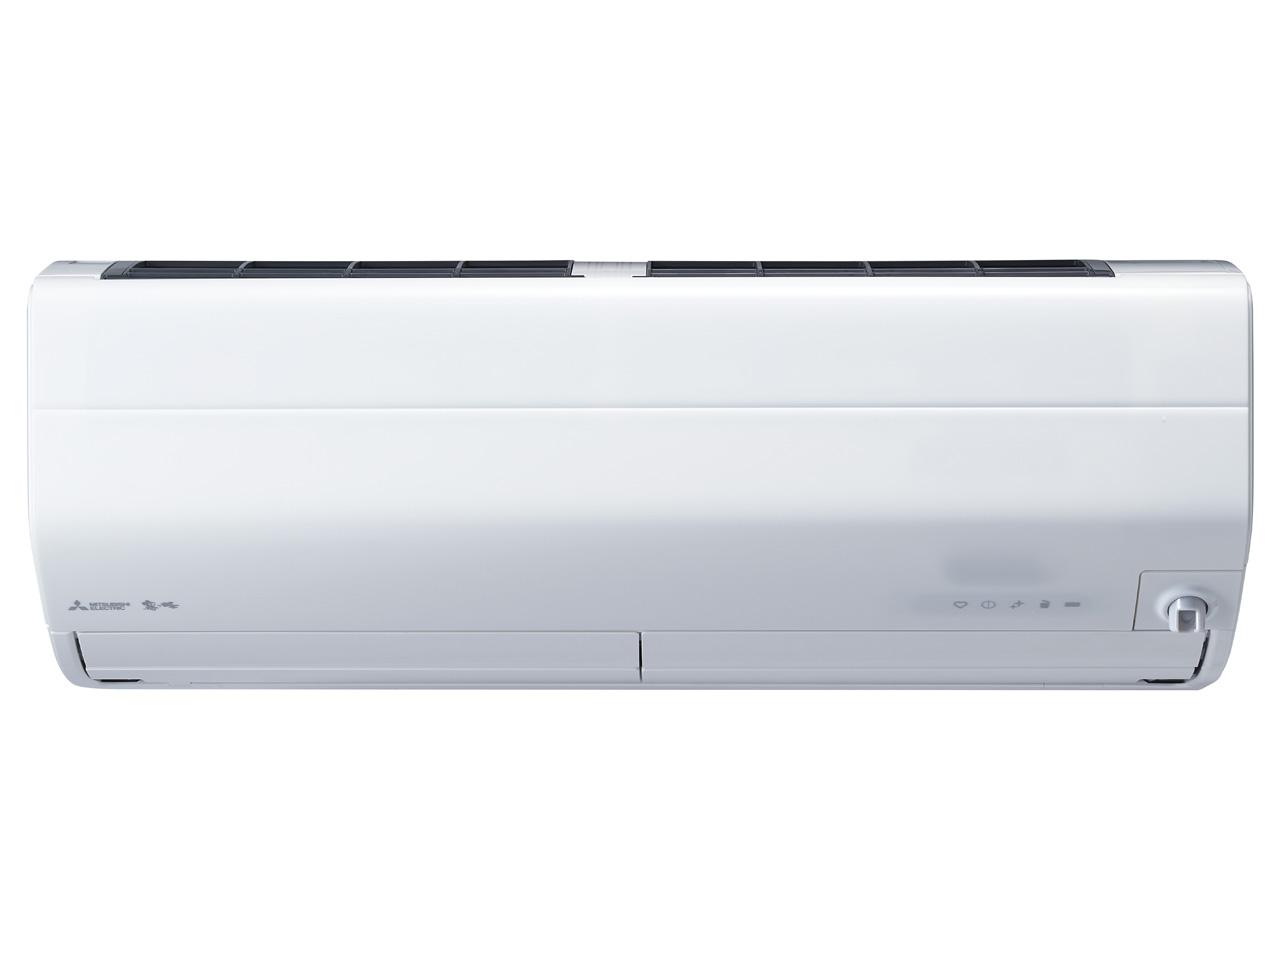 三菱 19年モデル MSZ-ZD2519-W【ズバ暖霧ヶ峰】搭載冷暖房8畳用エアコン